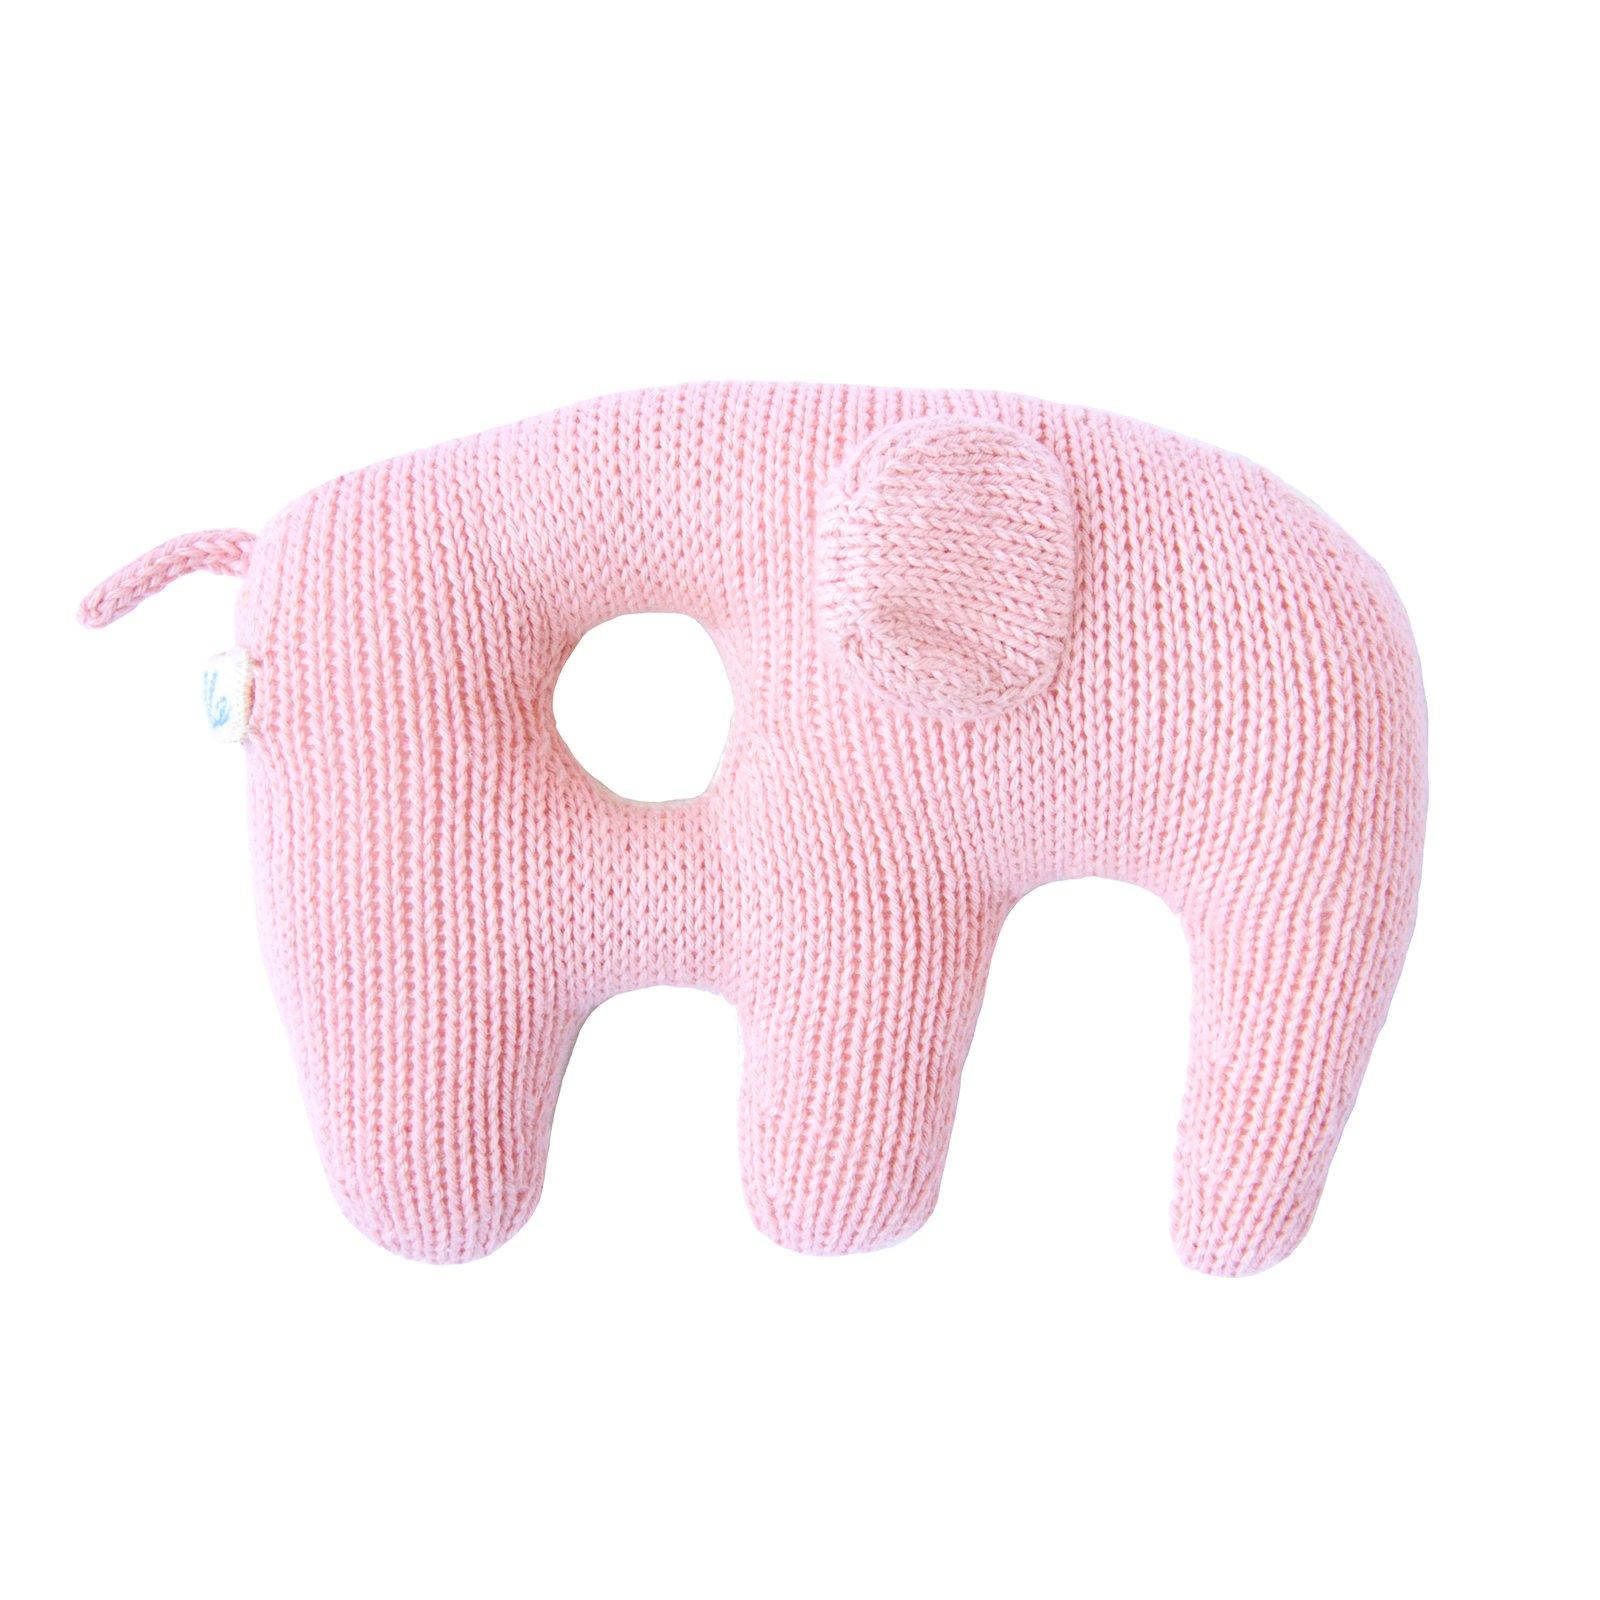 Blabla Jumbo Rattle Elephant Pink